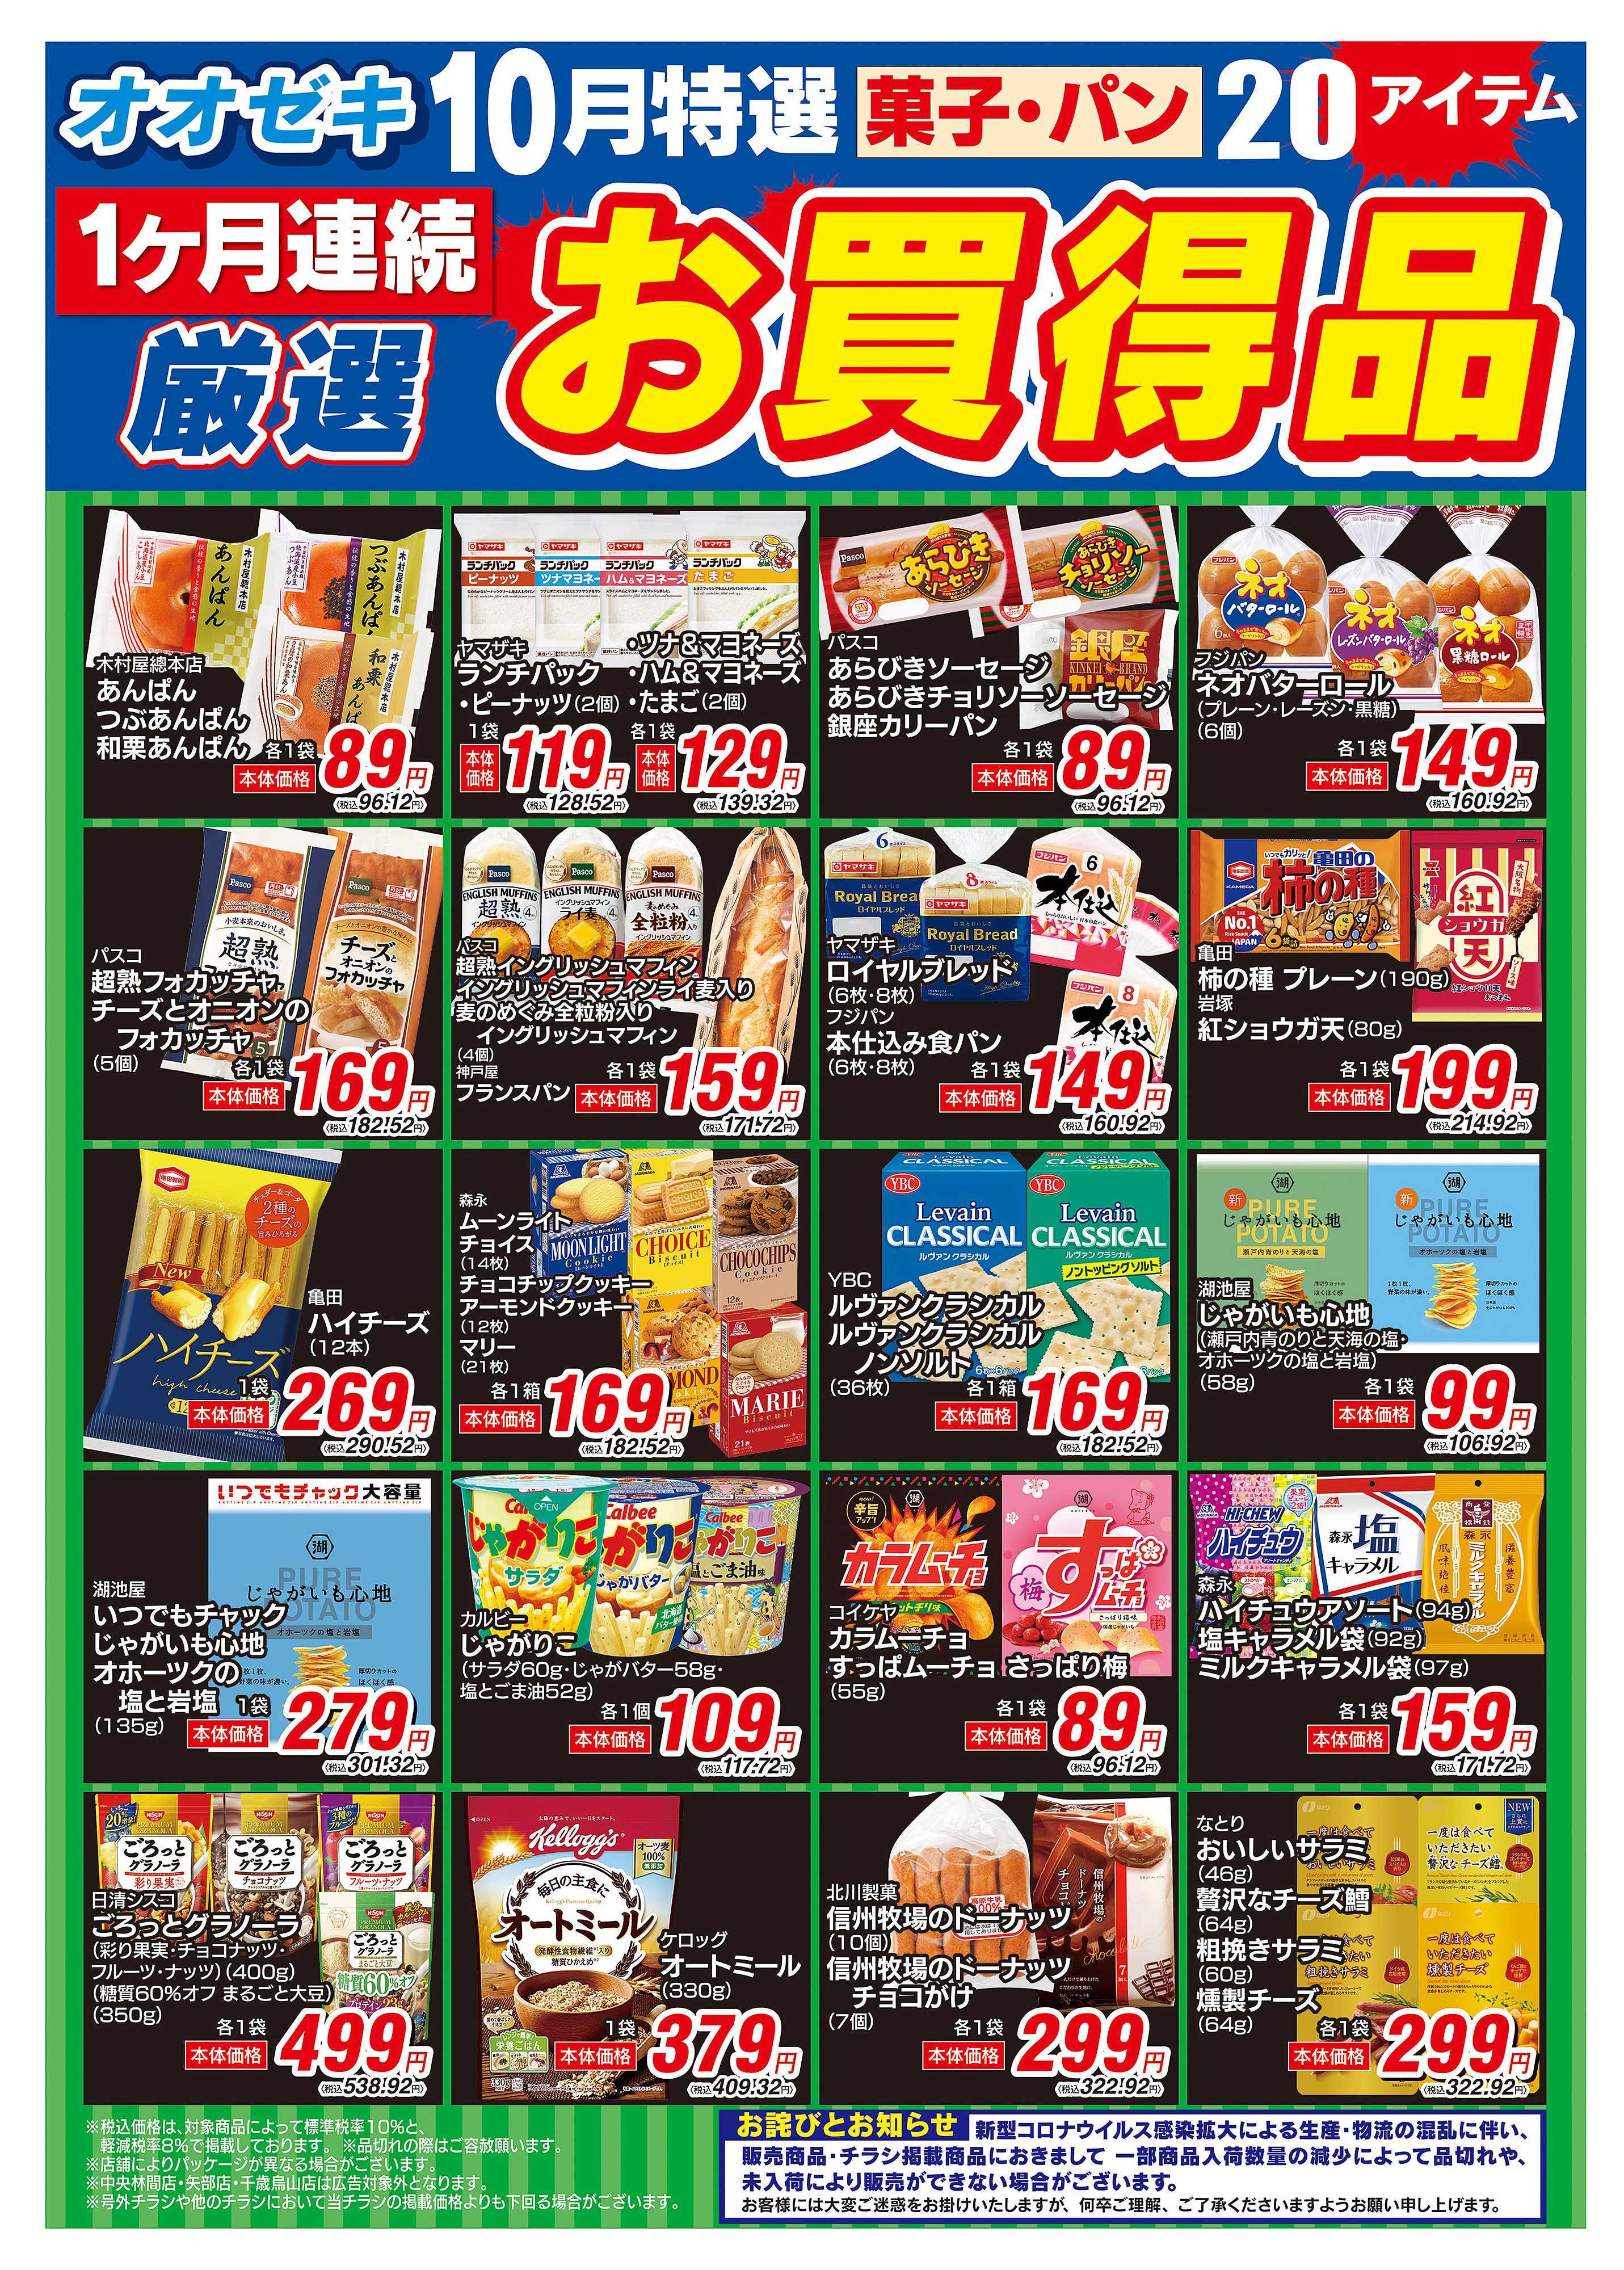 オオゼキ 10月特選菓子・パン 1ヶ月連続厳選お買得品